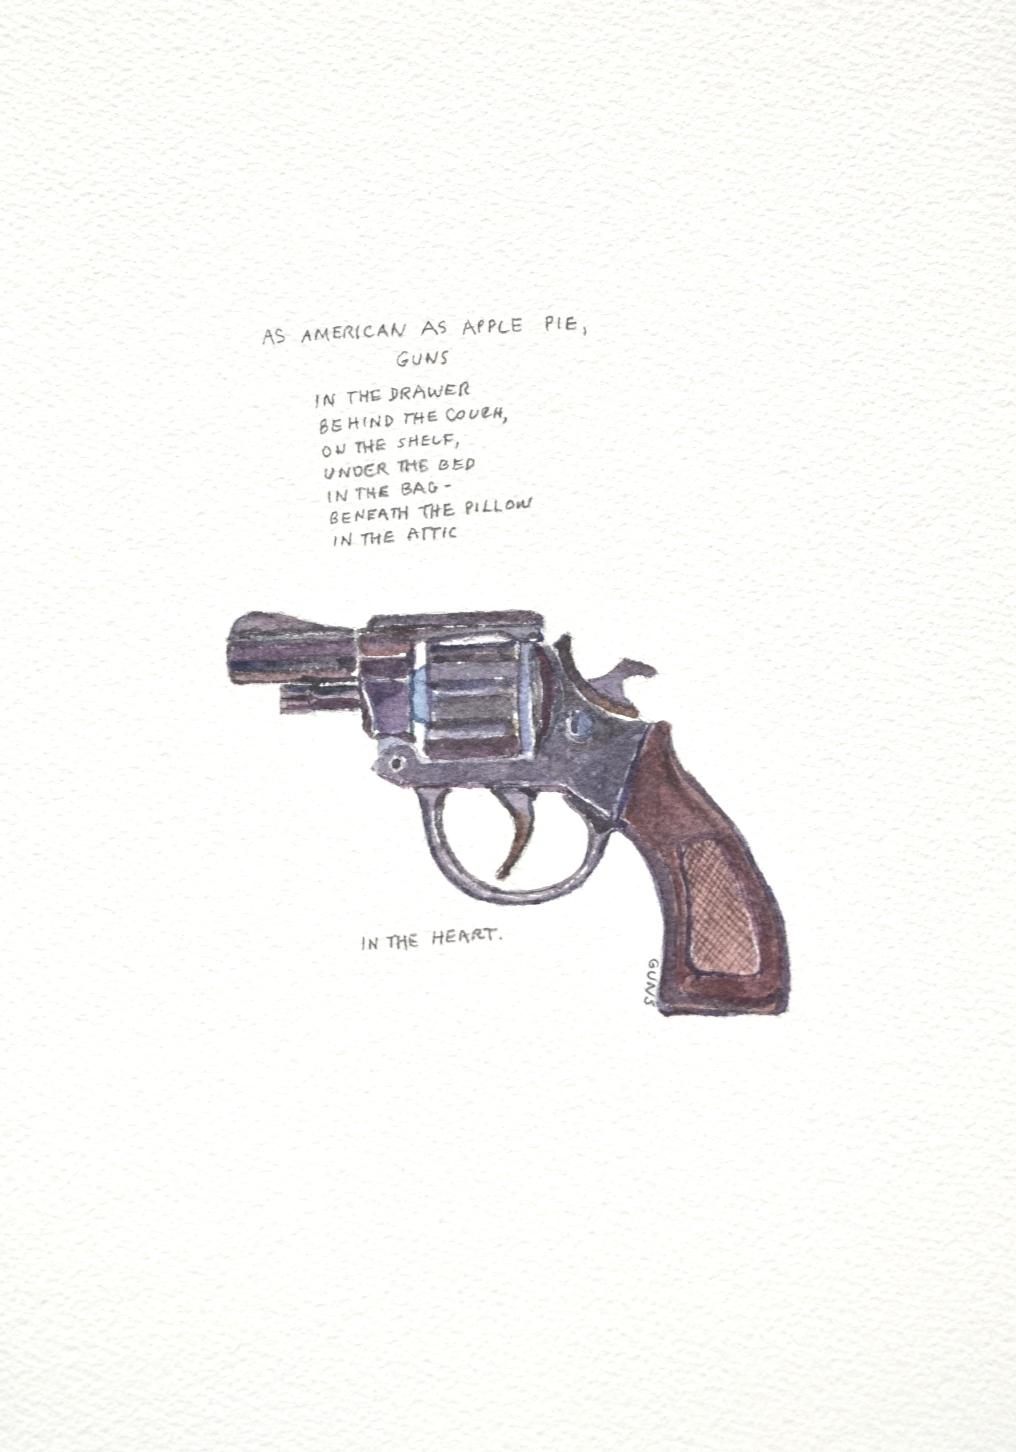 S. Sutro, Gun Series - As American as Apple Pie, watercolor+text, 15x11, 2014.JPG